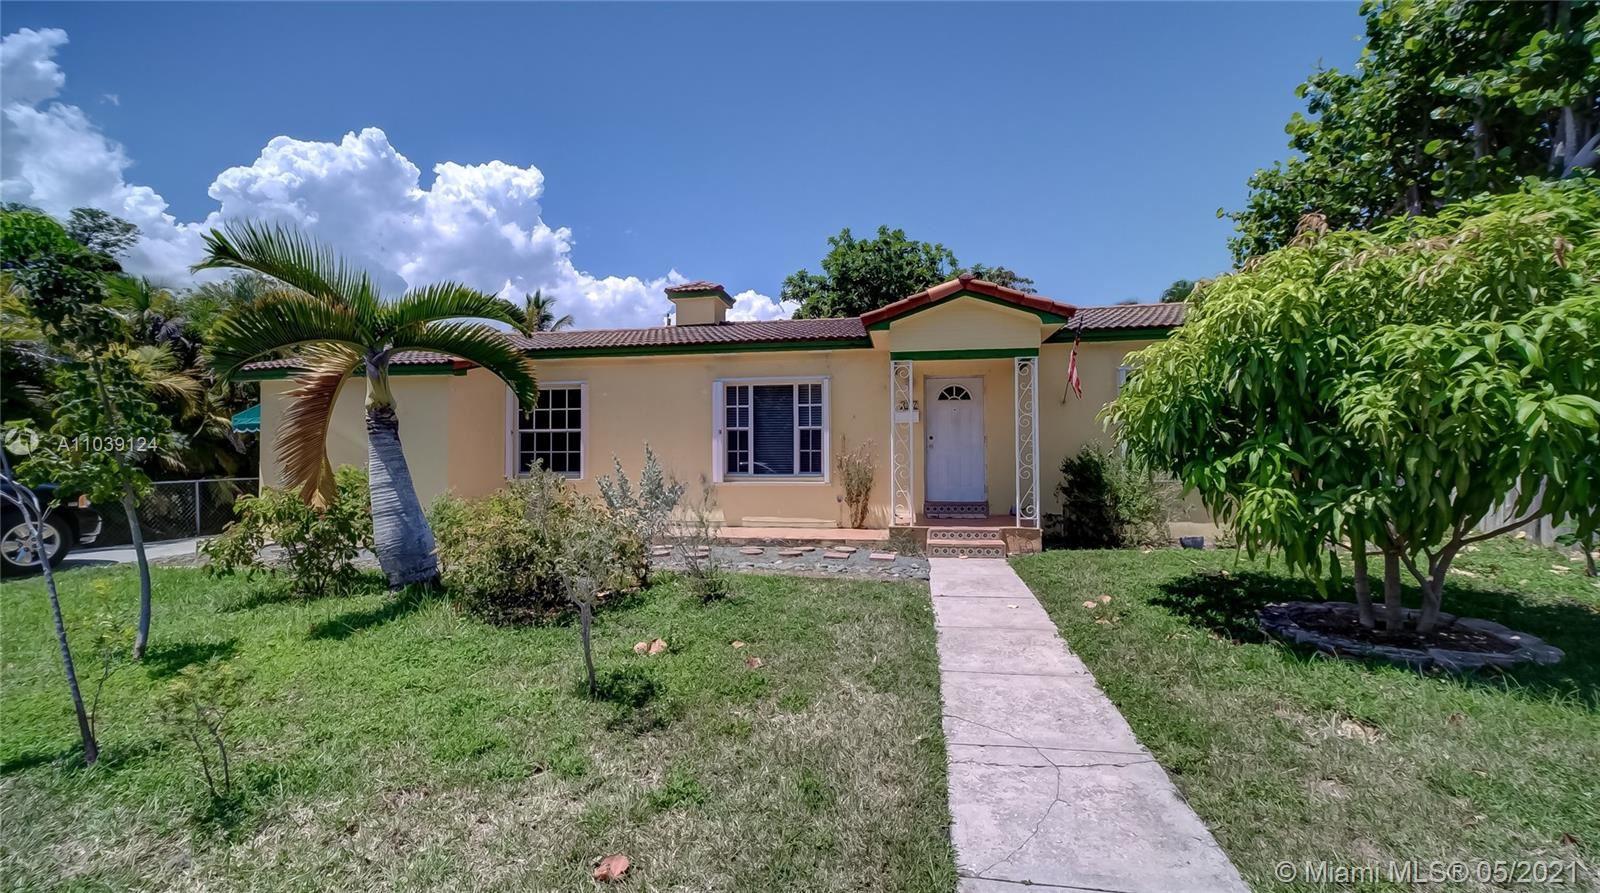 347 NE 110th St, Miami, FL 33161 - #: A11039124